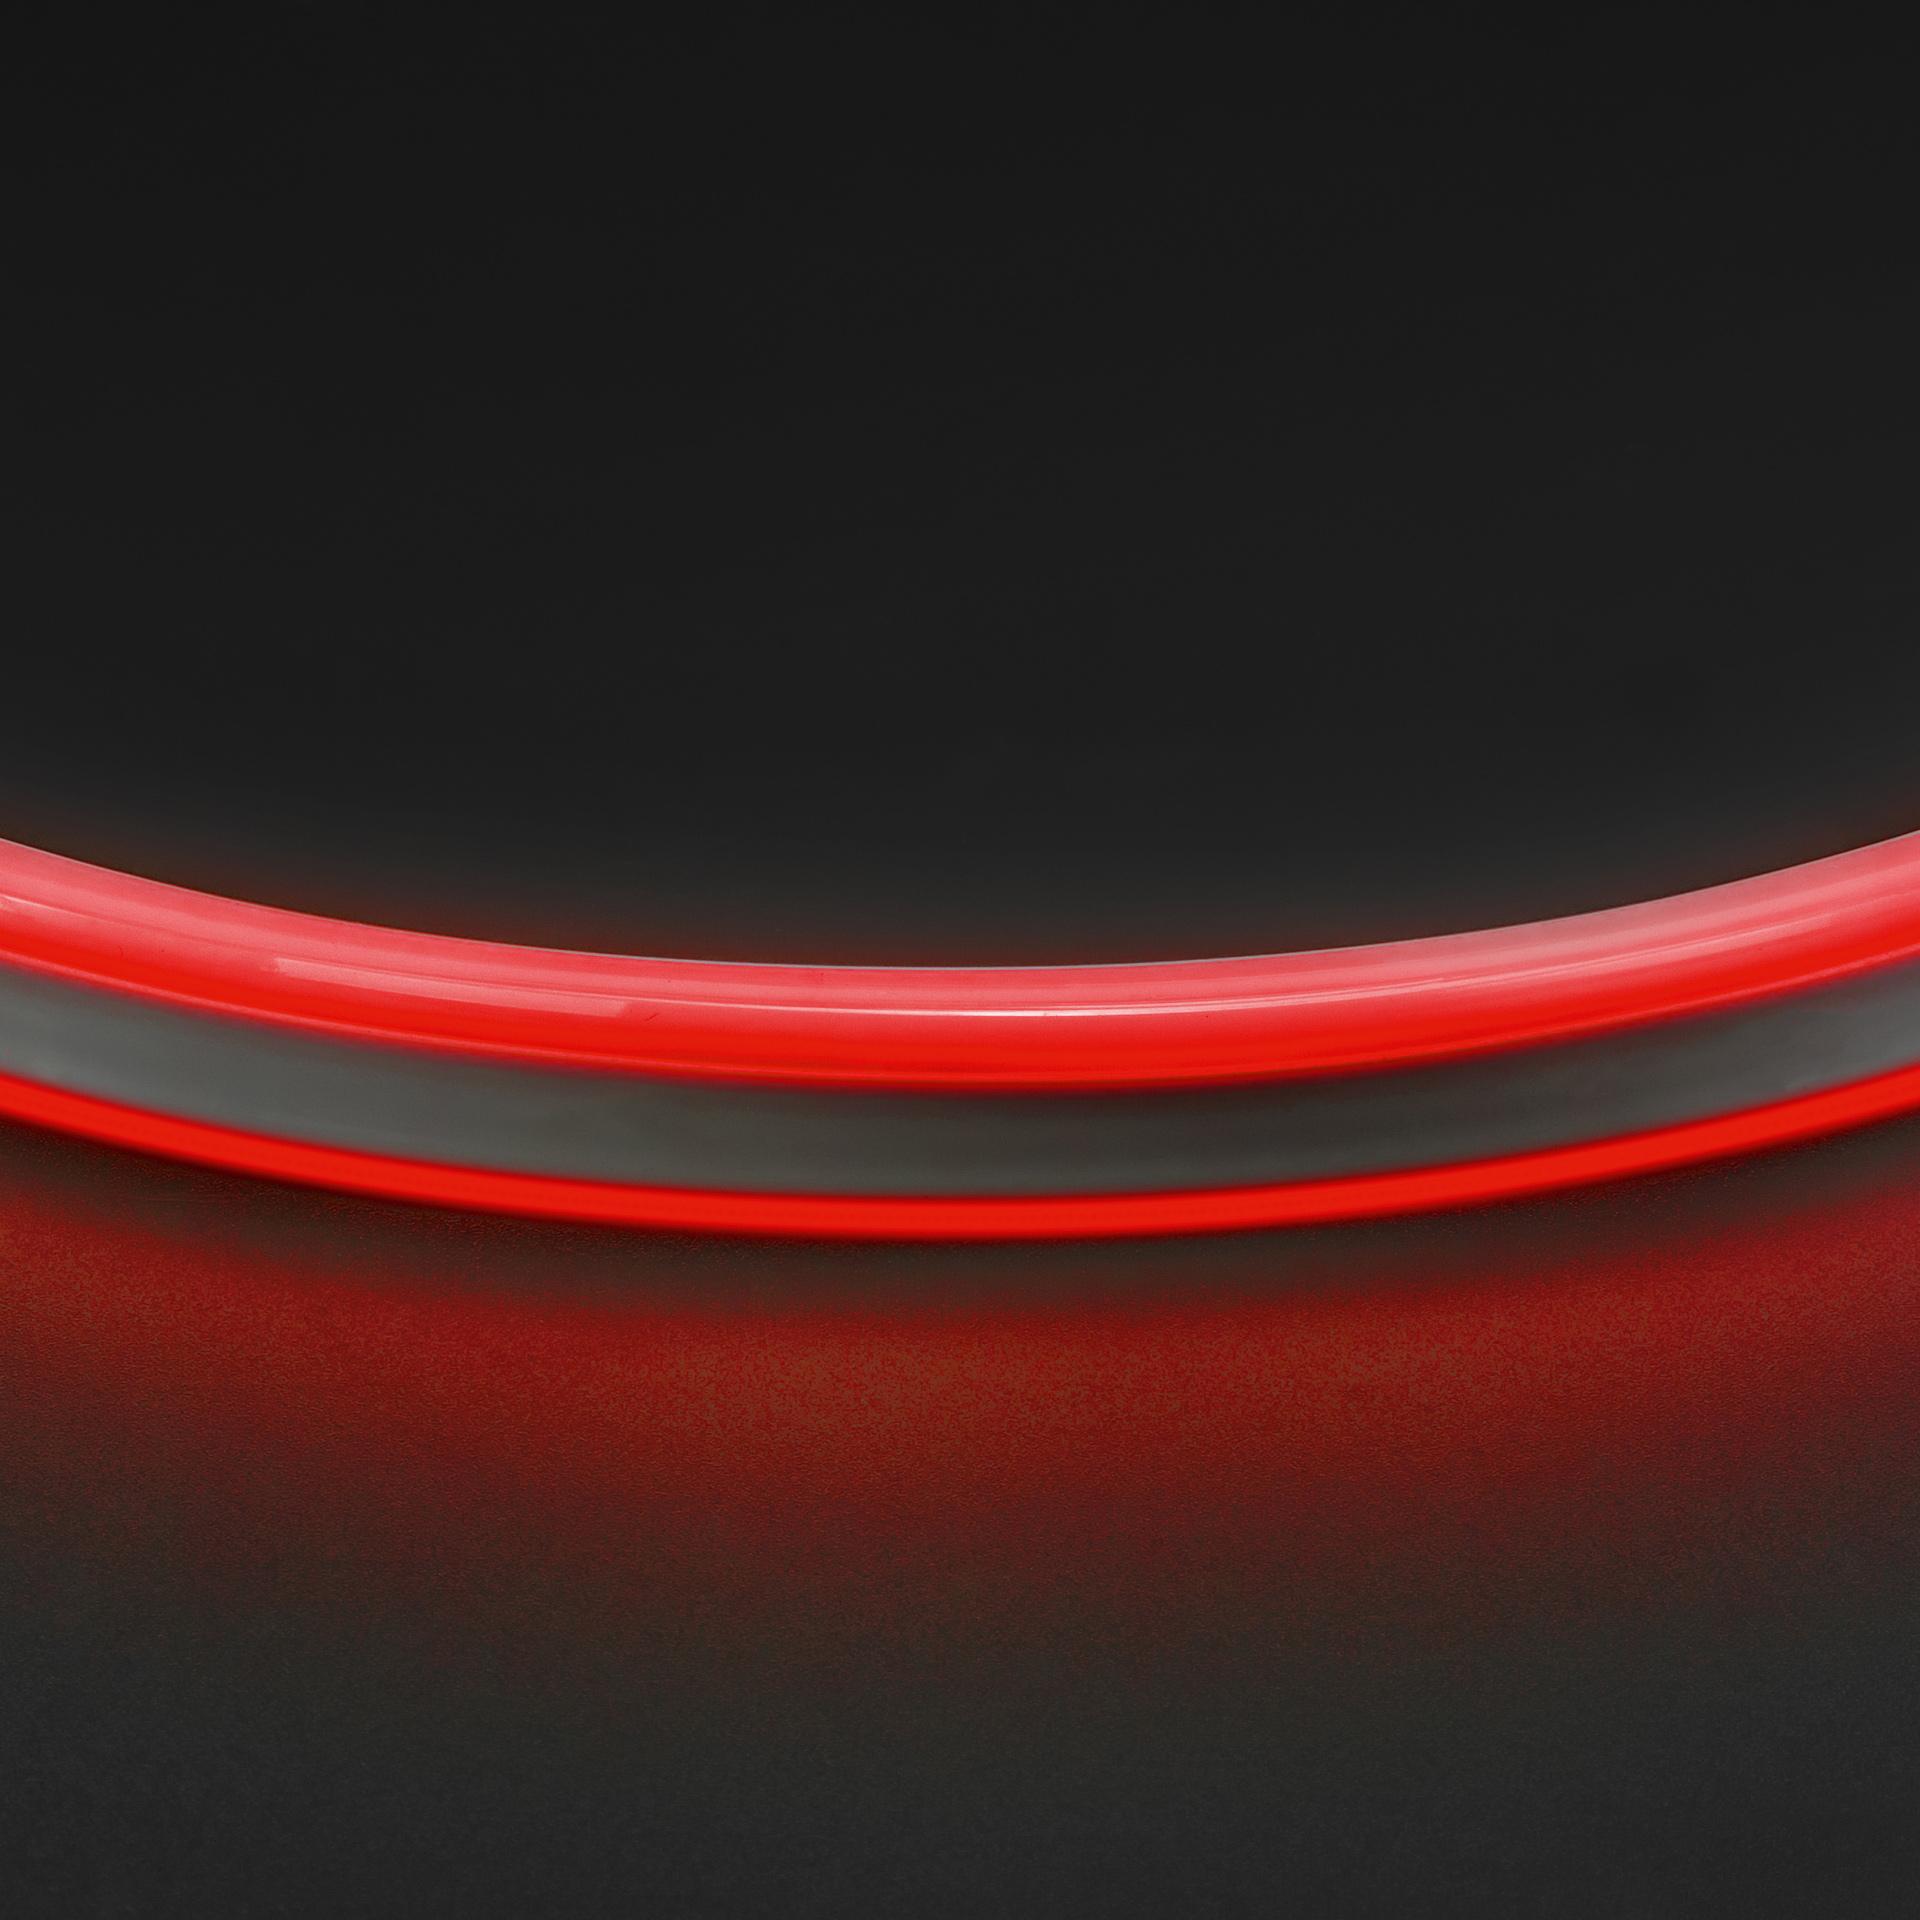 Лента гибкая неоновая NEOLED 220V 120 LED красный цвет IP65 Lightstar 430101, купить в СПб, Москве, с доставкой, Санкт-Петербург, интернет-магазин люстр и светильников Starlight, фото в жизни